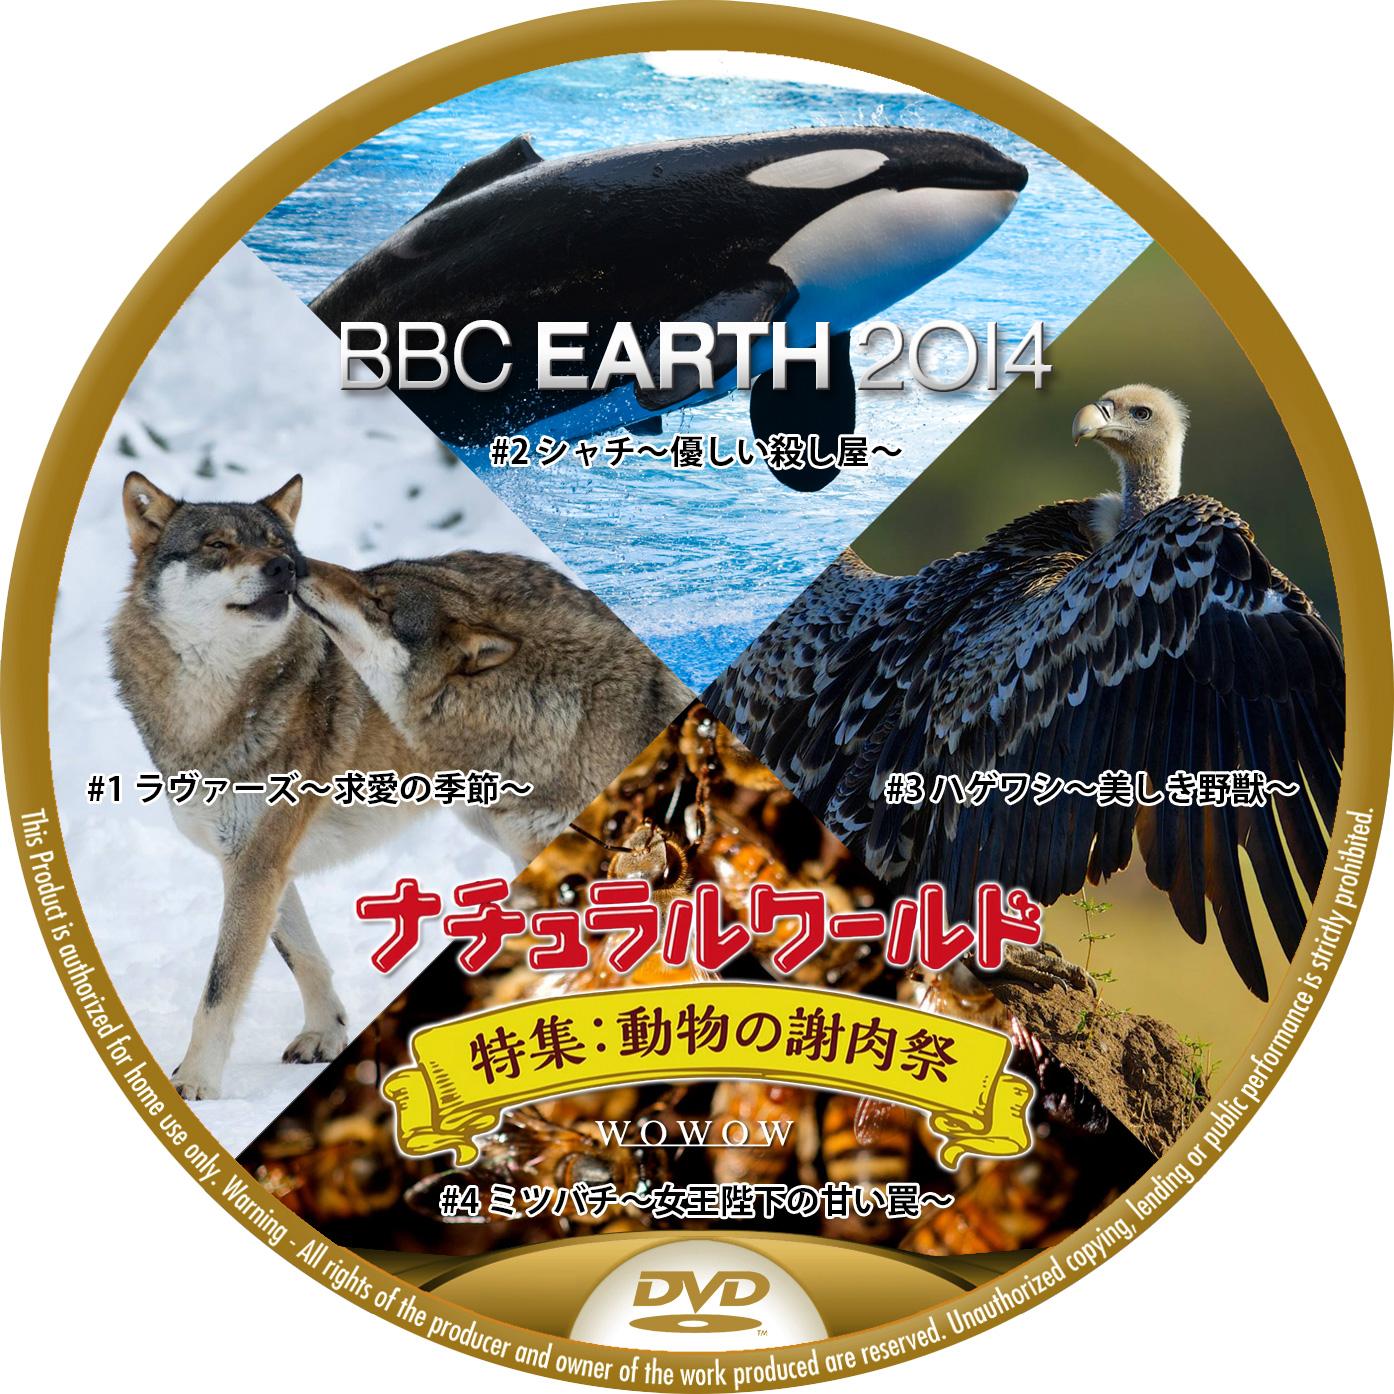 BBC EARTH 2014 WOWOW 動物の謝肉祭 DVDラベル